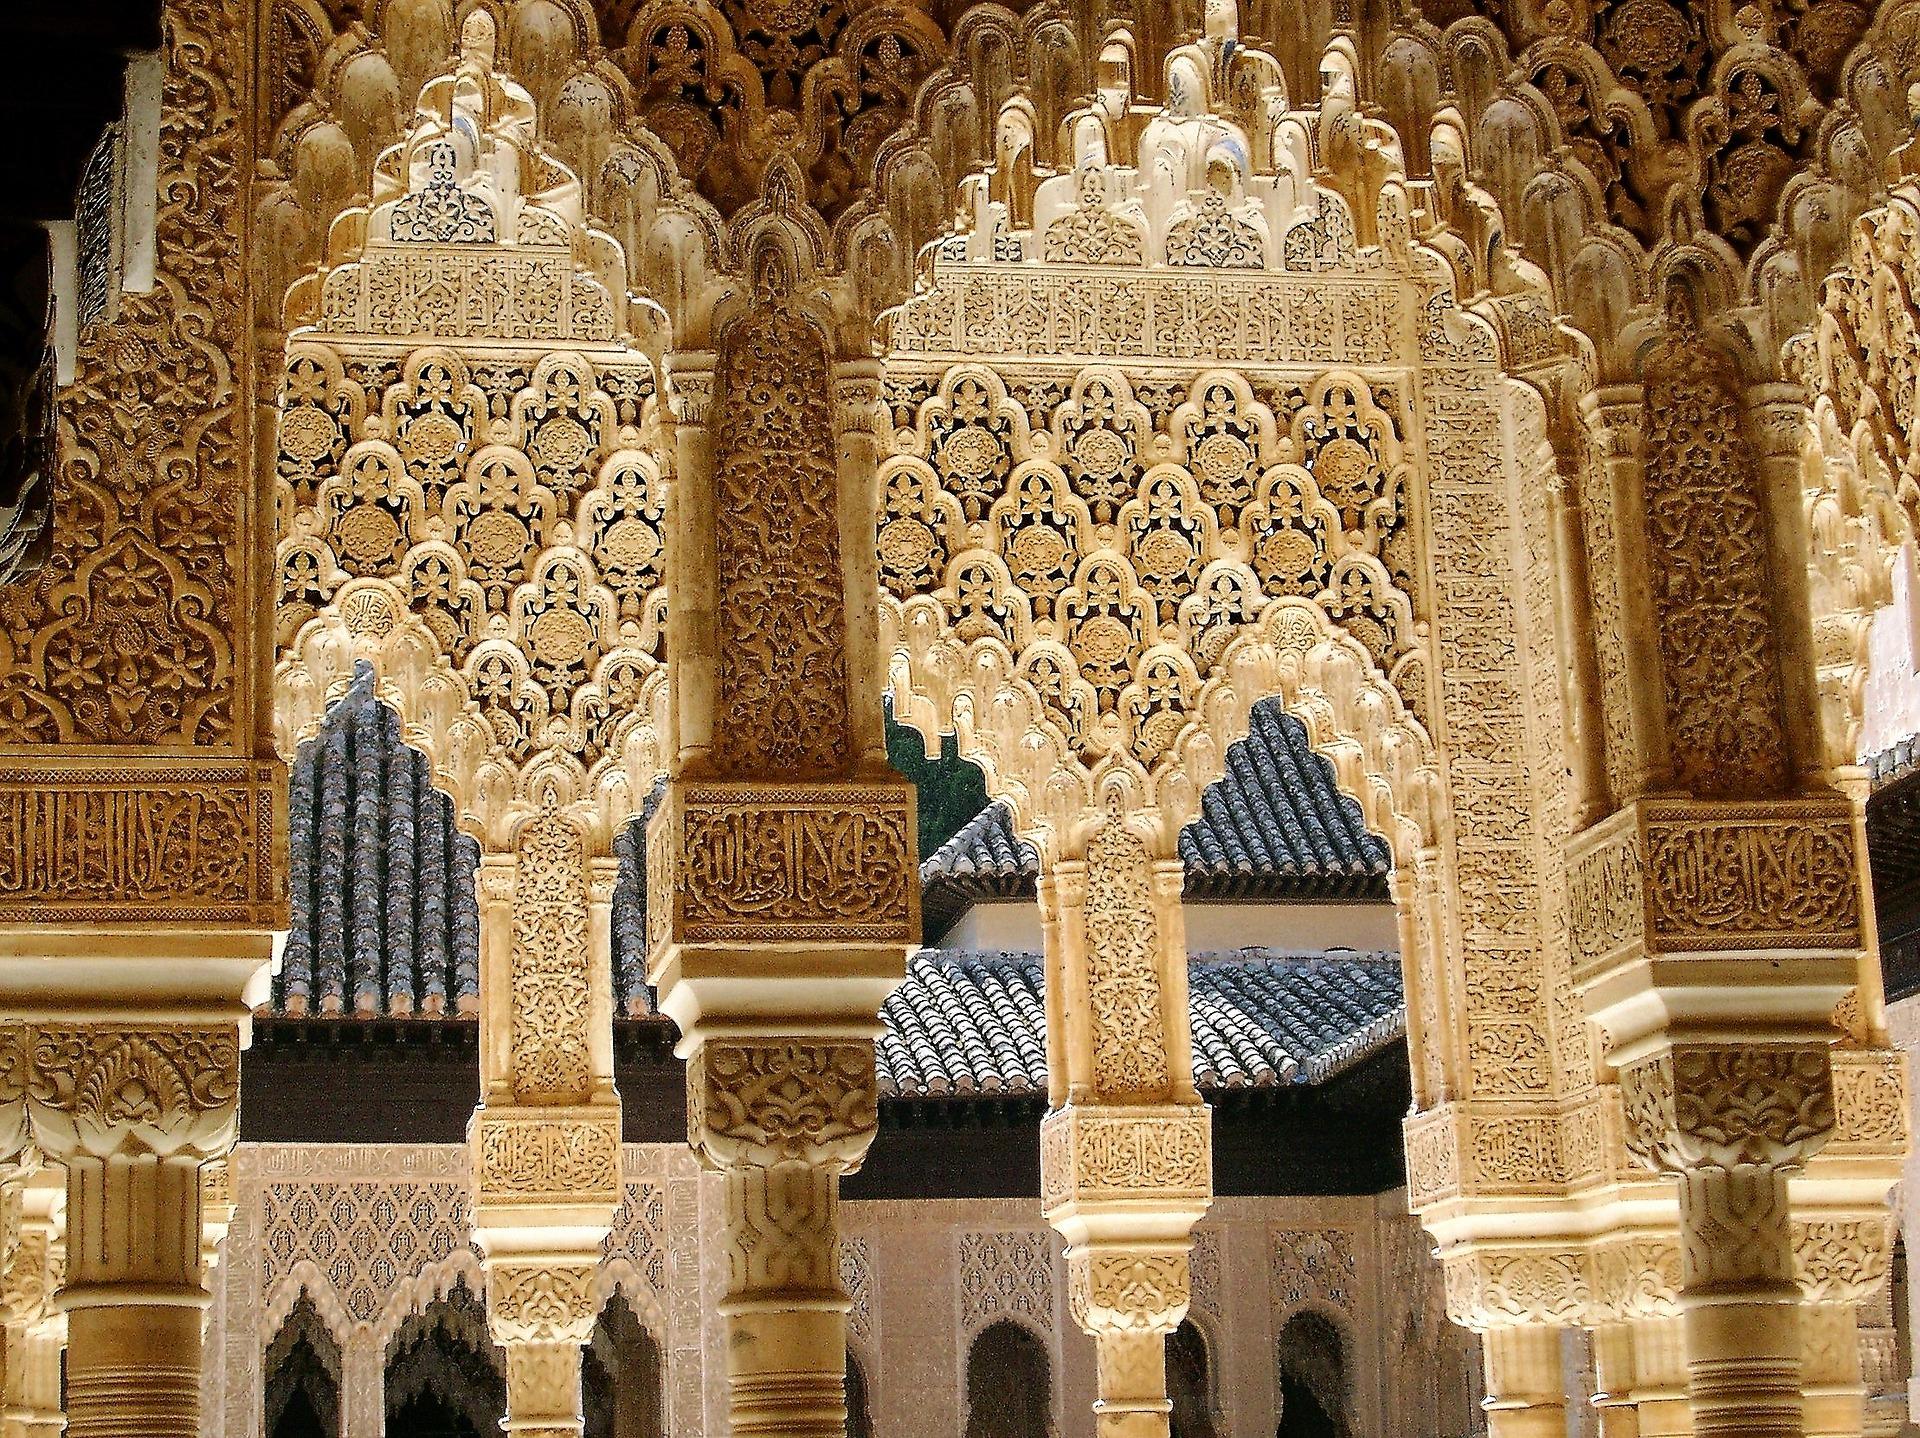 alhambra-2174177_1920.jpg